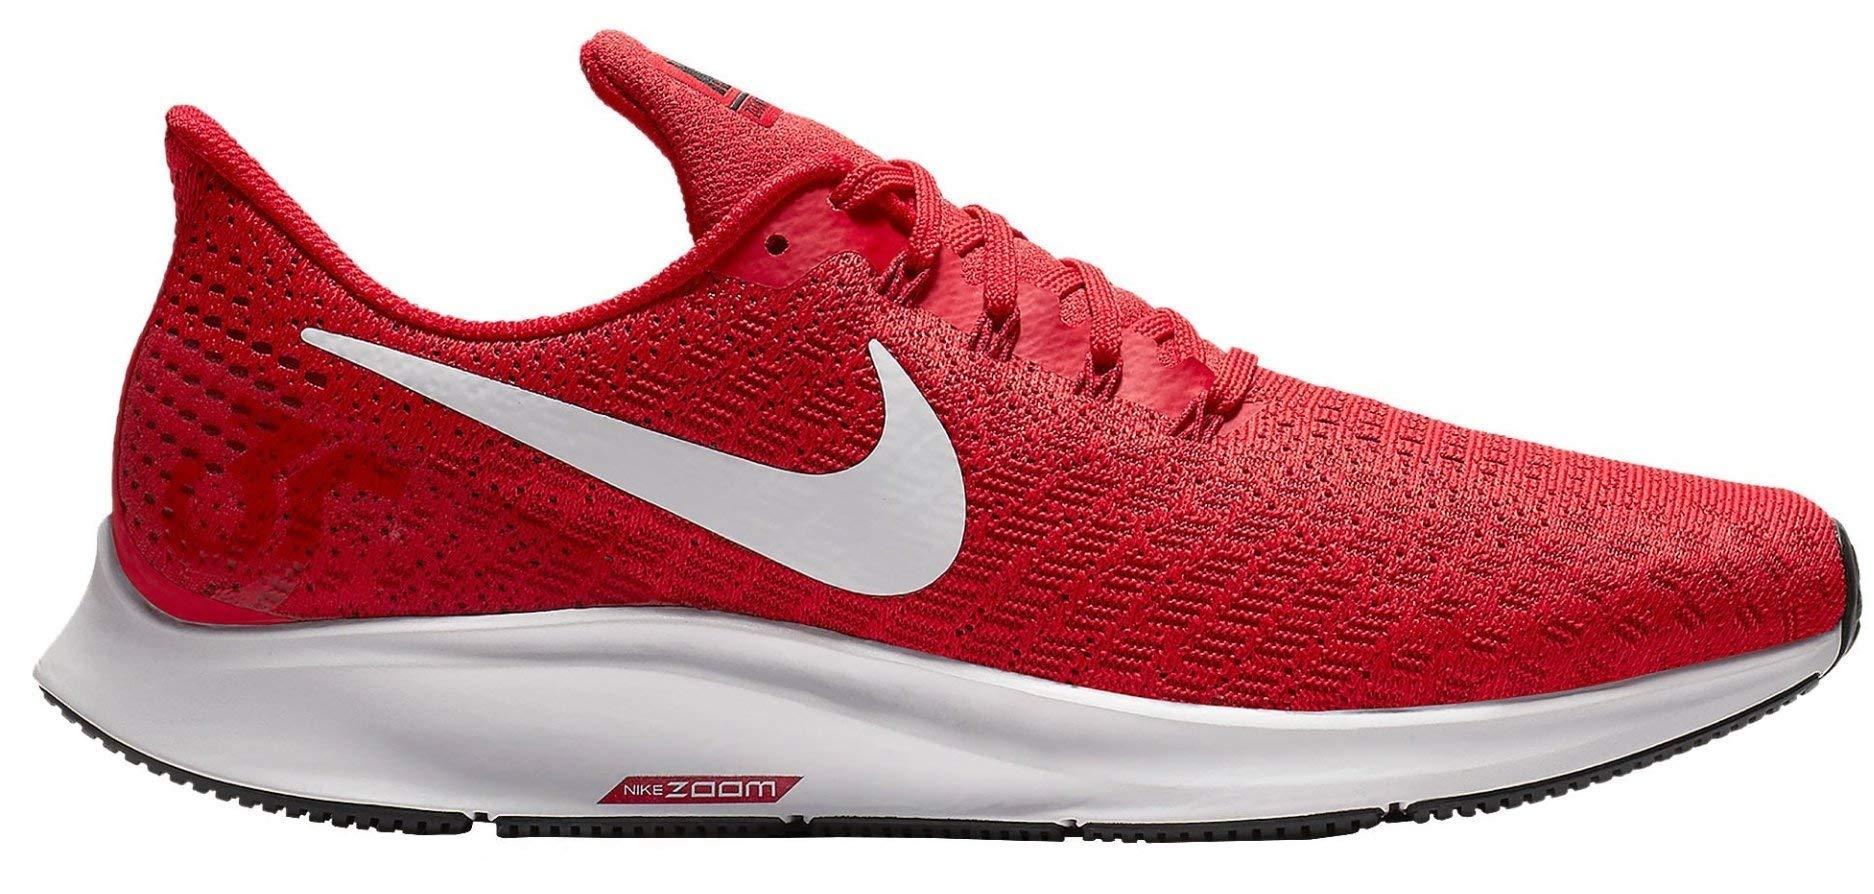 Nike Men's Air Zoom Pegasus 35 Running Shoes, Red/White (US 9.5, University RED/White-Tough RED-Black)